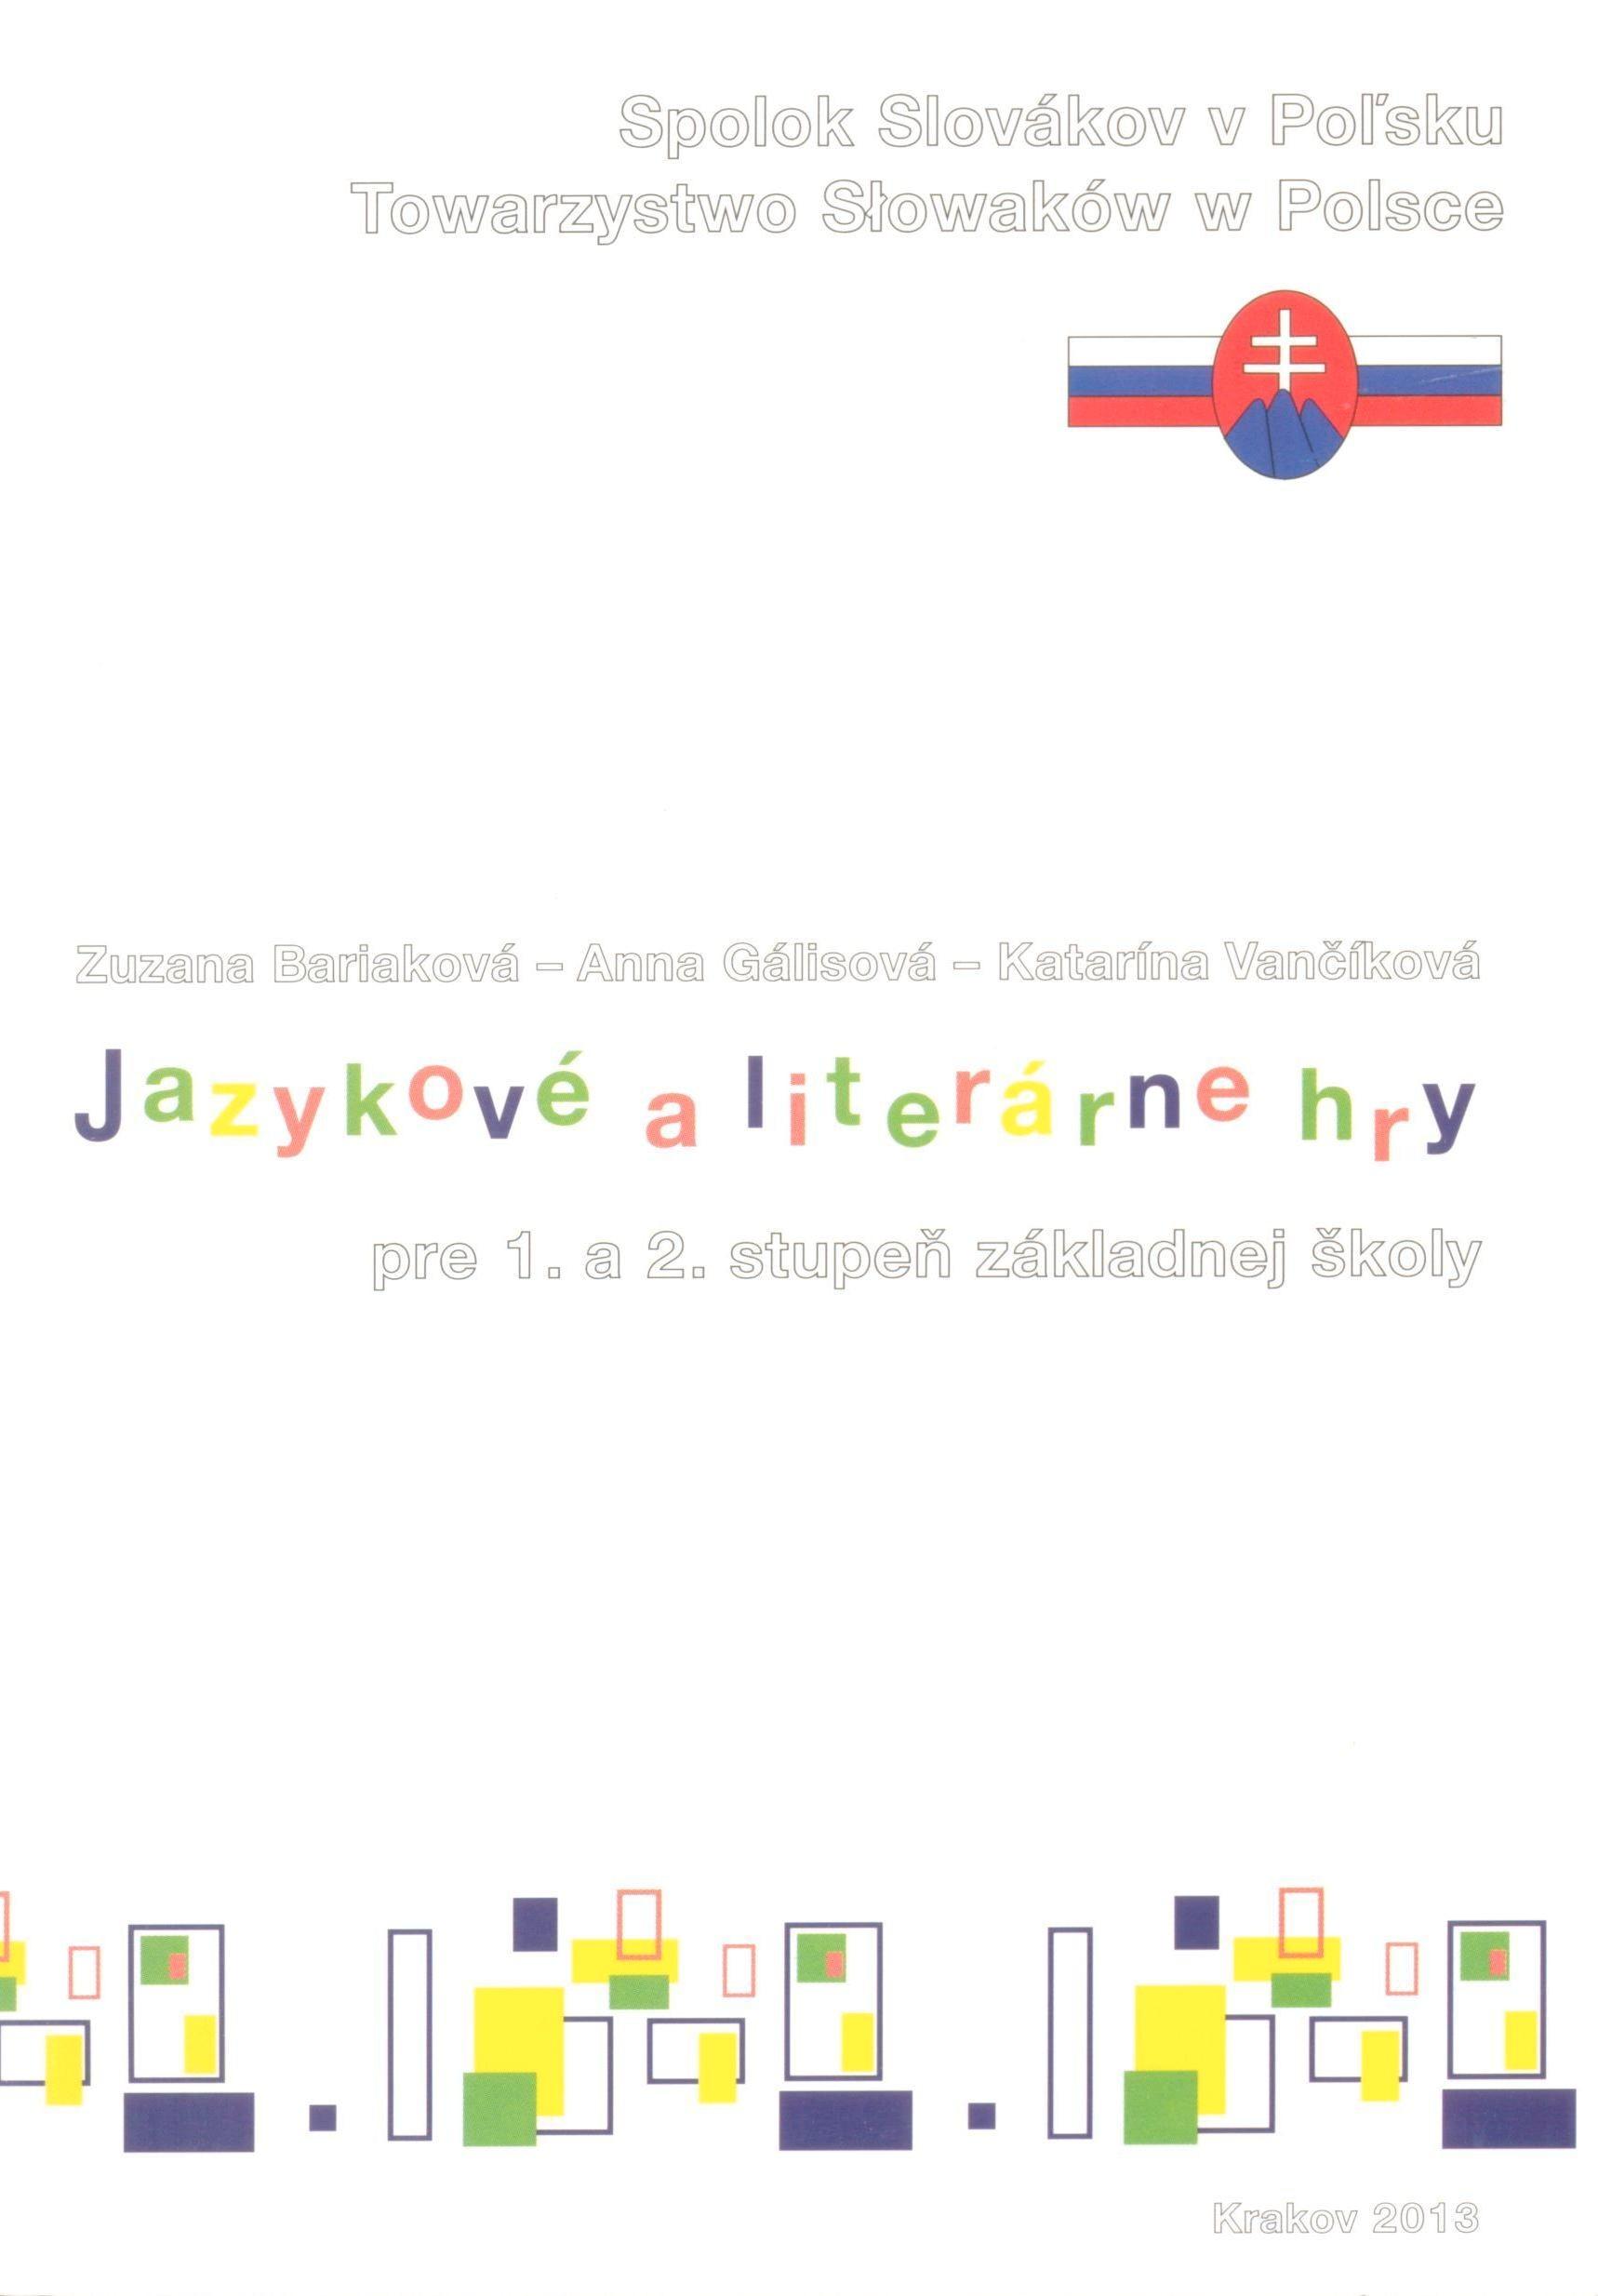 Jazykové a literárne hry pre 1. a 2. stupeň základnej školy